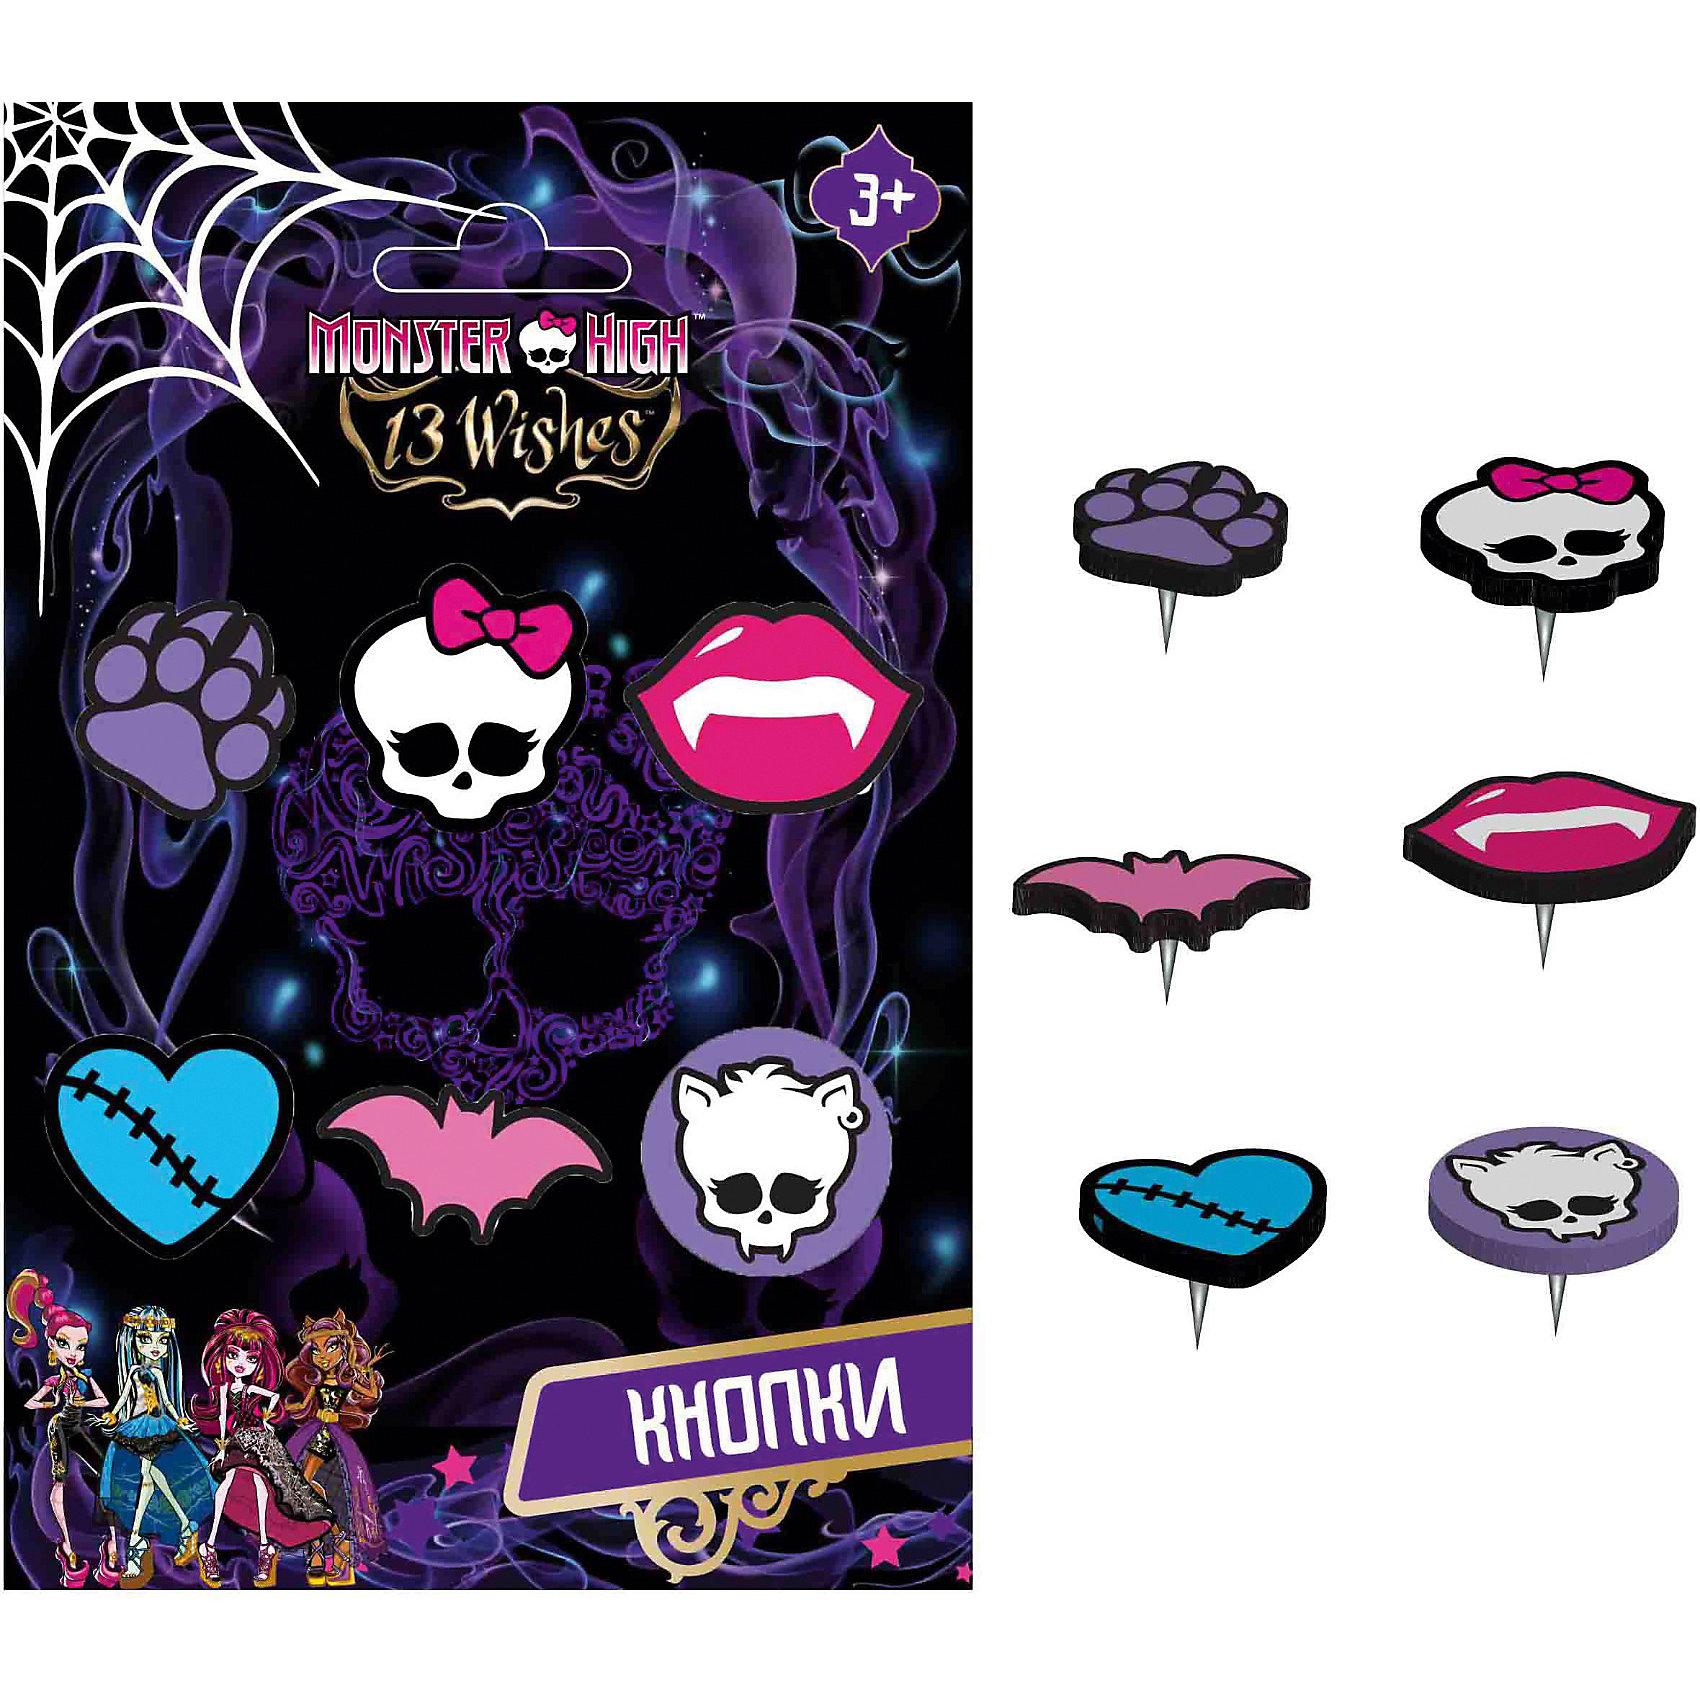 Кнопки с резиновыми головками, Monster HighНабор кнопок с резиновыми головками Monster High станет замечательным дополнением к другим канцелярским принадлежностям бренда Monster High. Кнопки выполнены в оригинальном дизайне по мотивам популярного мультсериала Школа монстров и оформлены в упаковку с изображениями его героинь.<br><br>Дополнительная информация:<br><br>- В комплекте: 6 штук.<br>- Размер упаковки: 1 х 10 х 19 см.<br><br>Кнопки с резиновыми головками Monster High (Монстр Хай) можно купить в нашем интернет-магазине.<br><br>Ширина мм: 10<br>Глубина мм: 100<br>Высота мм: 190<br>Вес г: 100<br>Возраст от месяцев: 36<br>Возраст до месяцев: 156<br>Пол: Женский<br>Возраст: Детский<br>SKU: 3866740